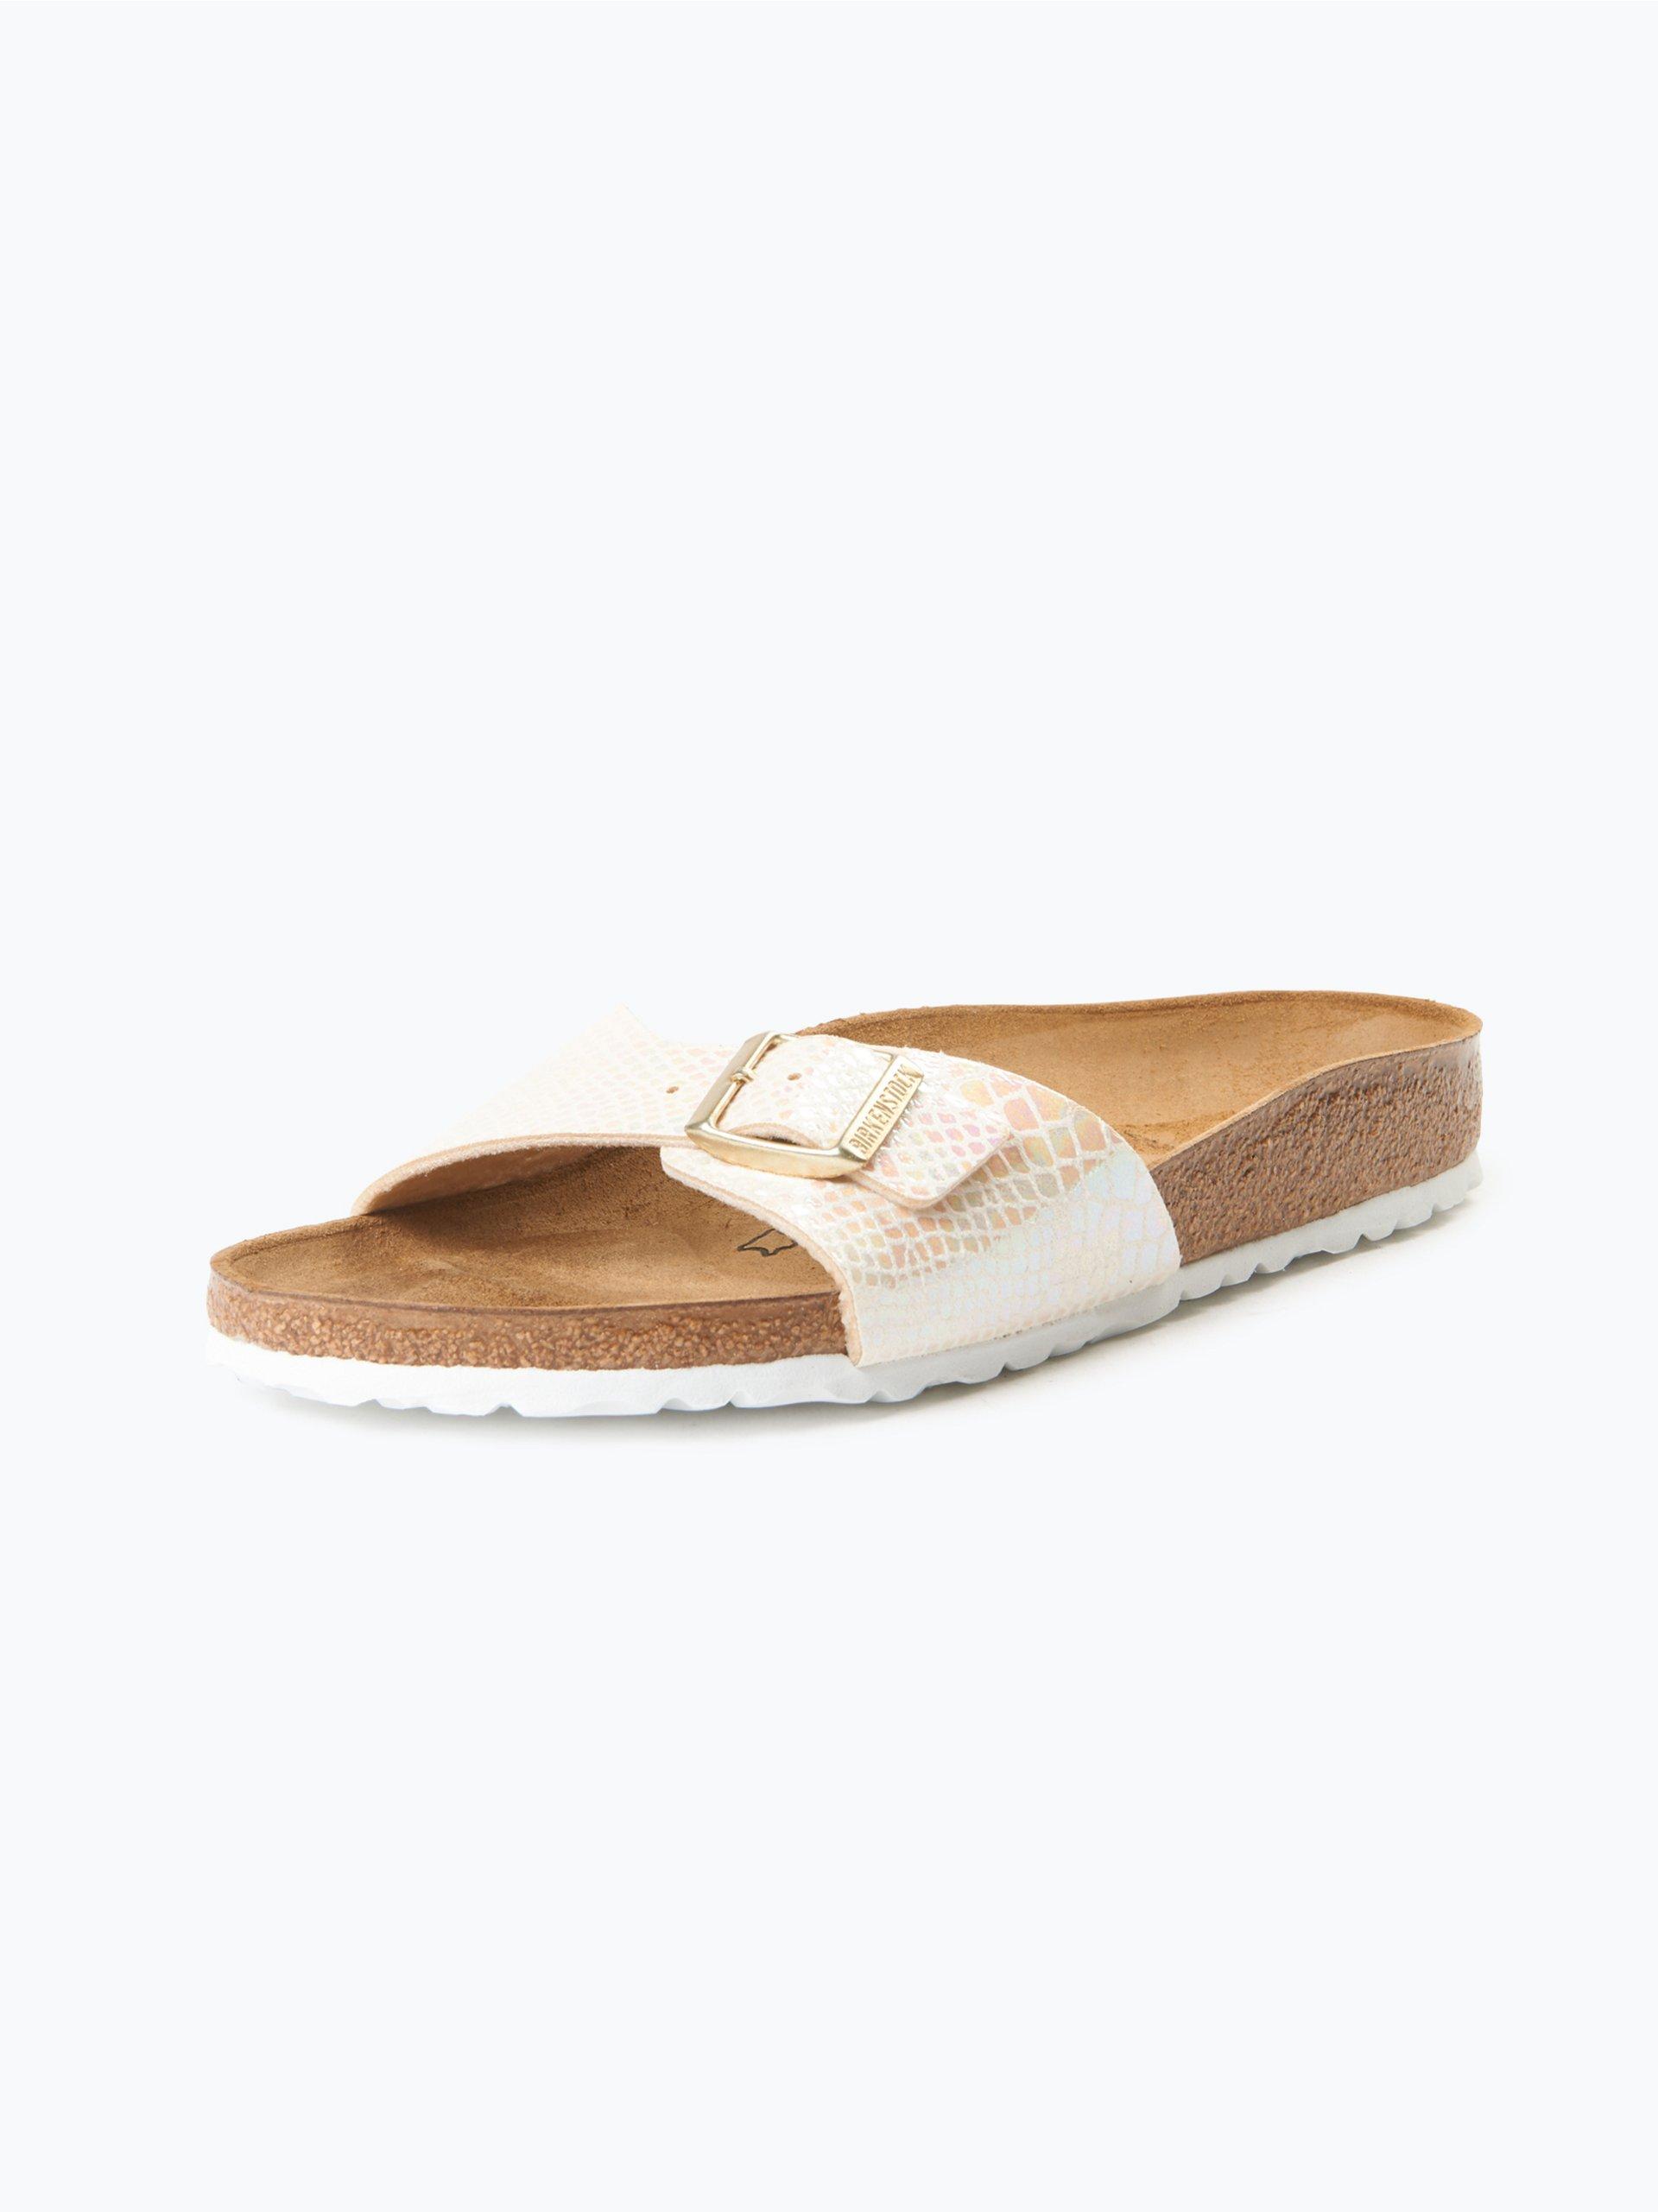 birkenstock damen sandalen mit leder anteil ecru gemustert. Black Bedroom Furniture Sets. Home Design Ideas